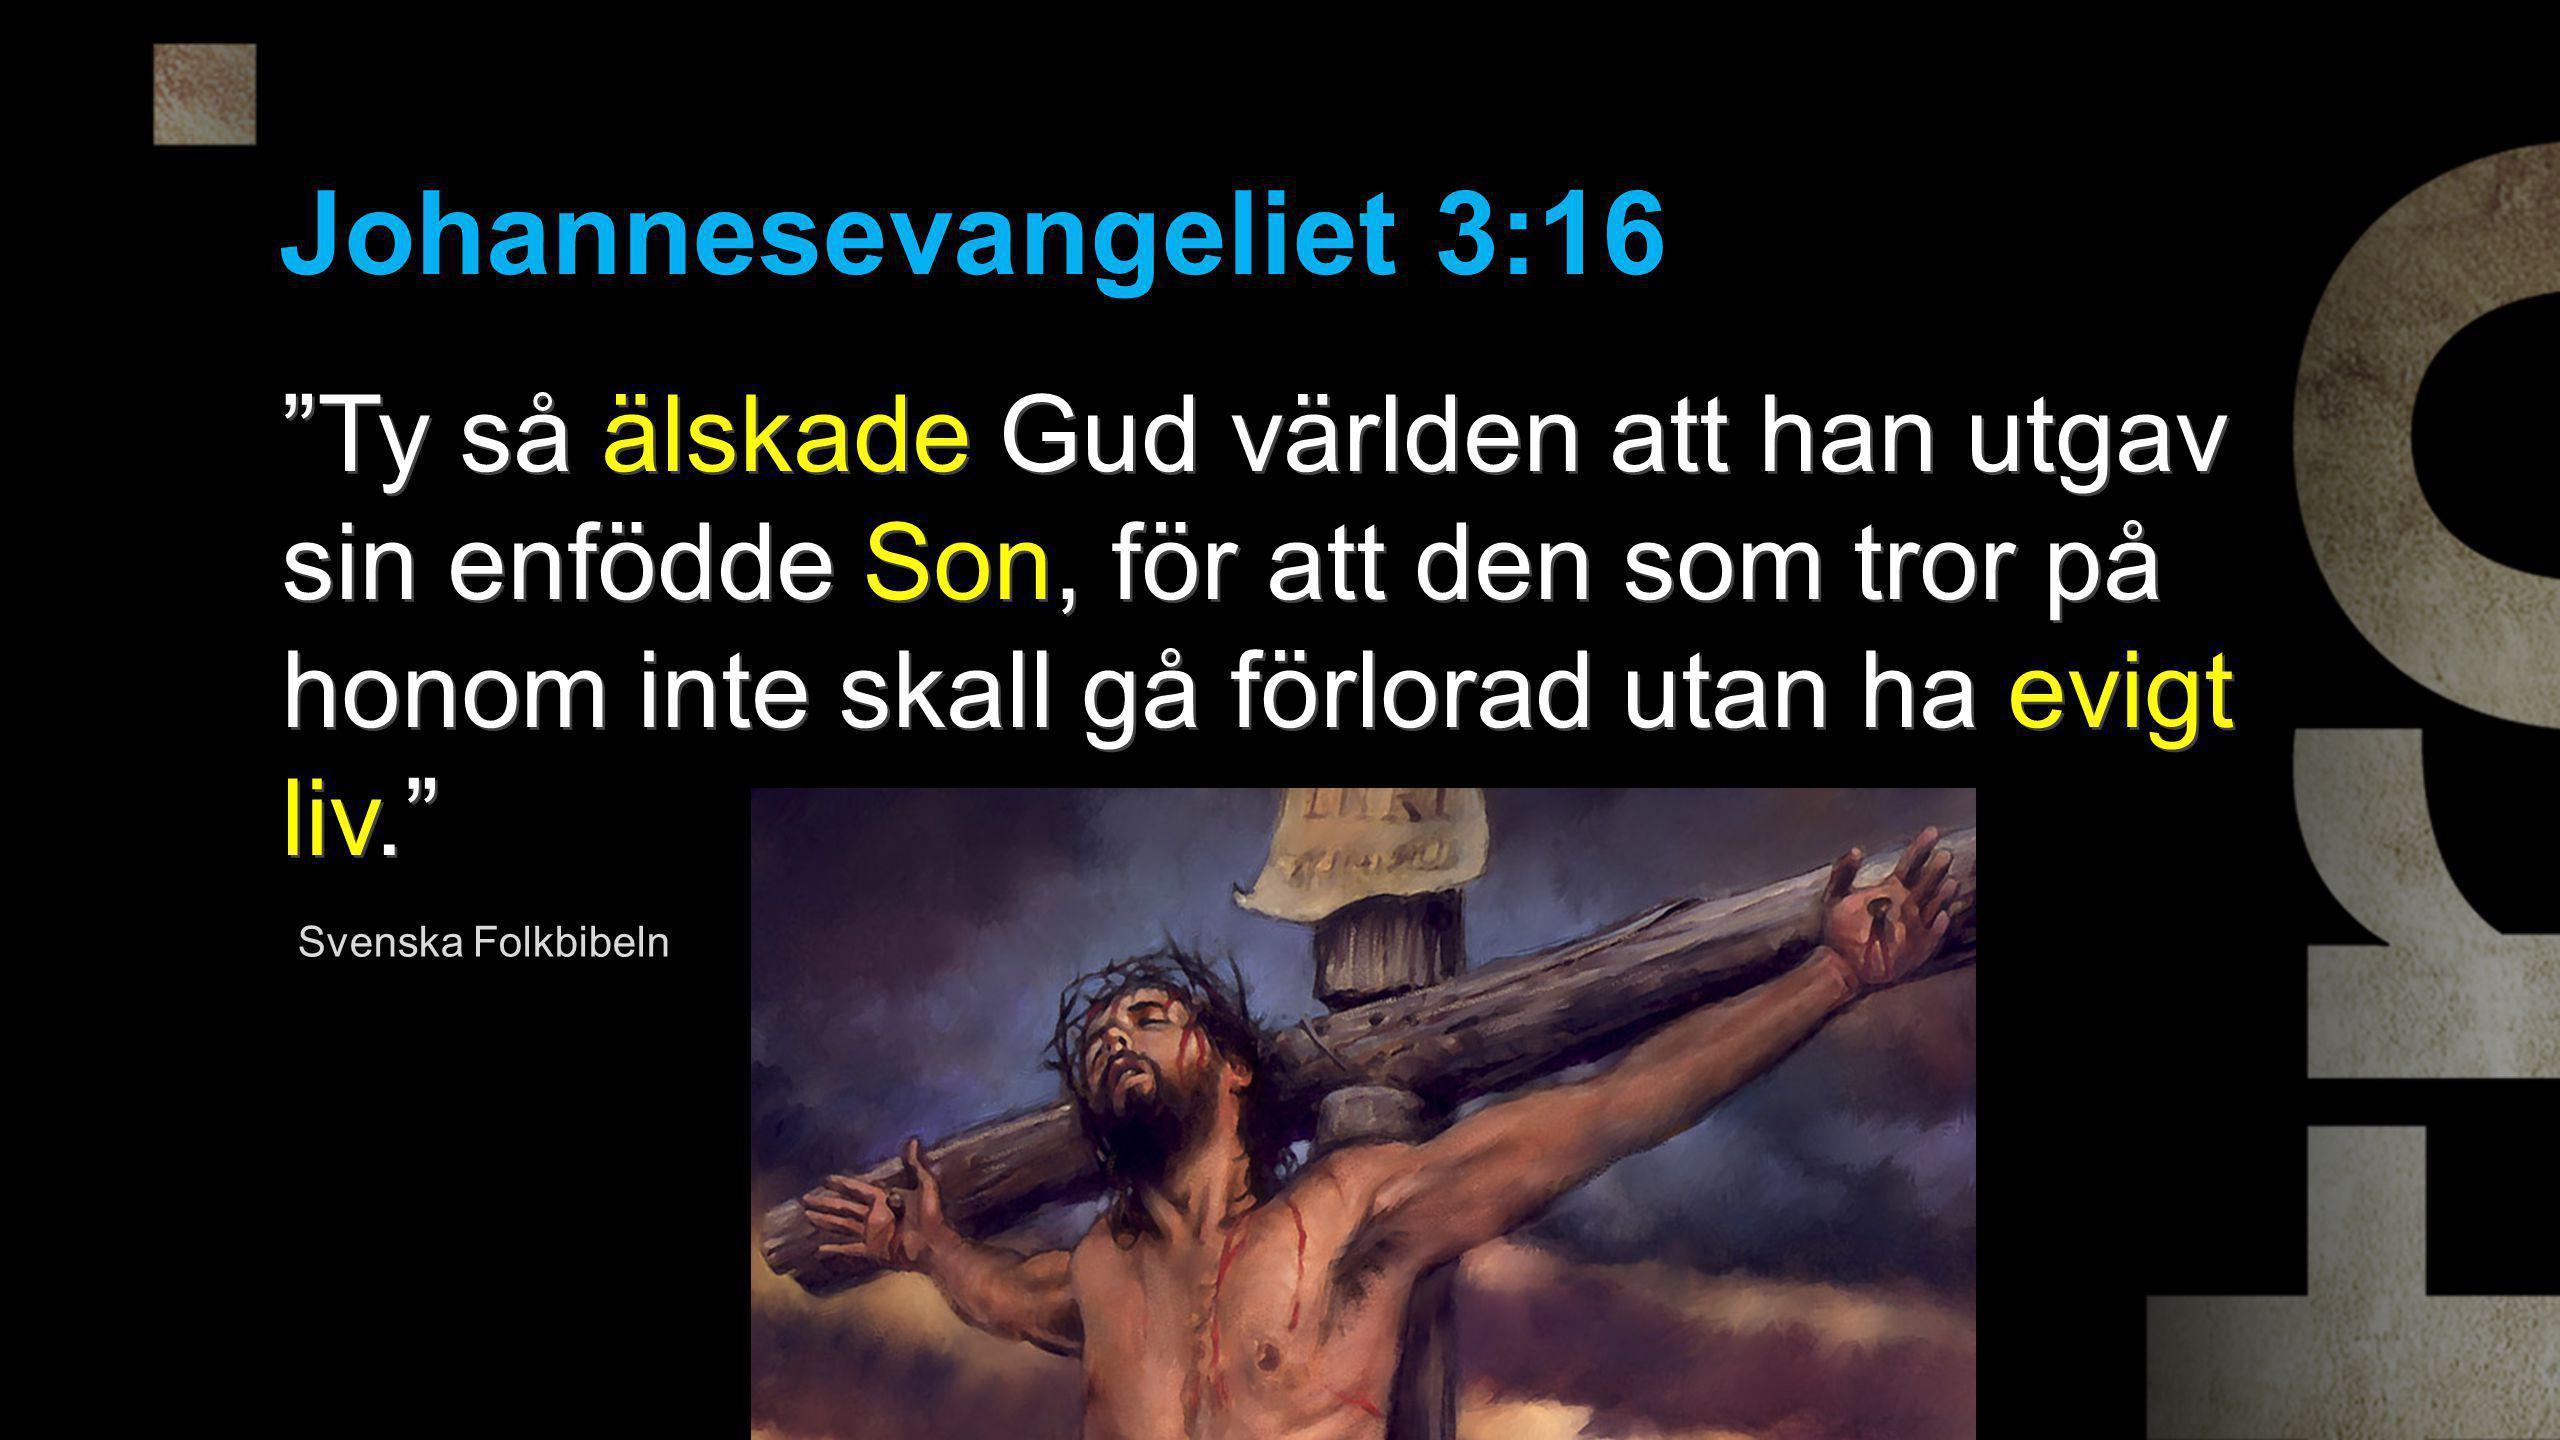 Johannesevangeliet 3:16